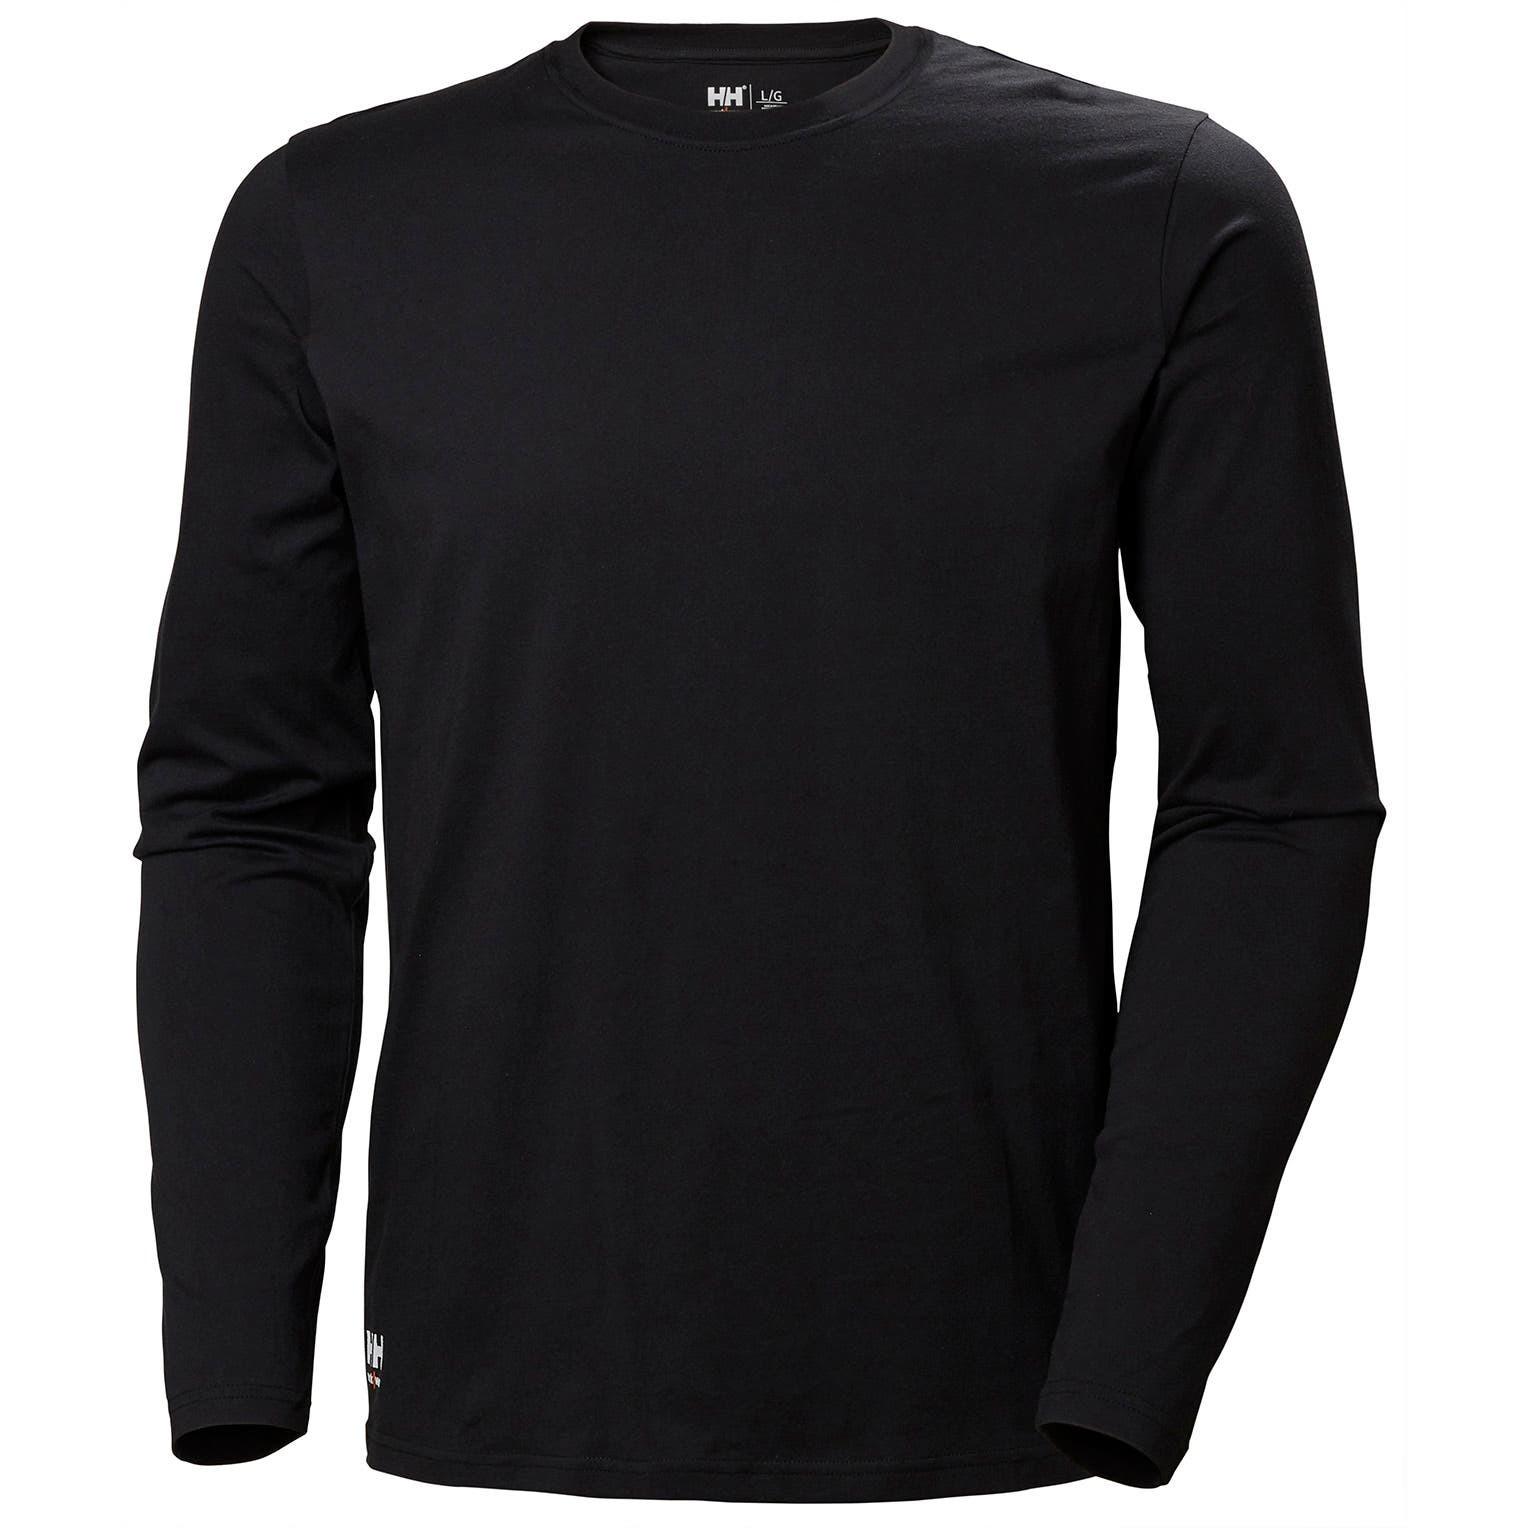 Футболка с длинным рукавом Helly Hansen Manchester Long Sleeve - 79169 (Black; S)